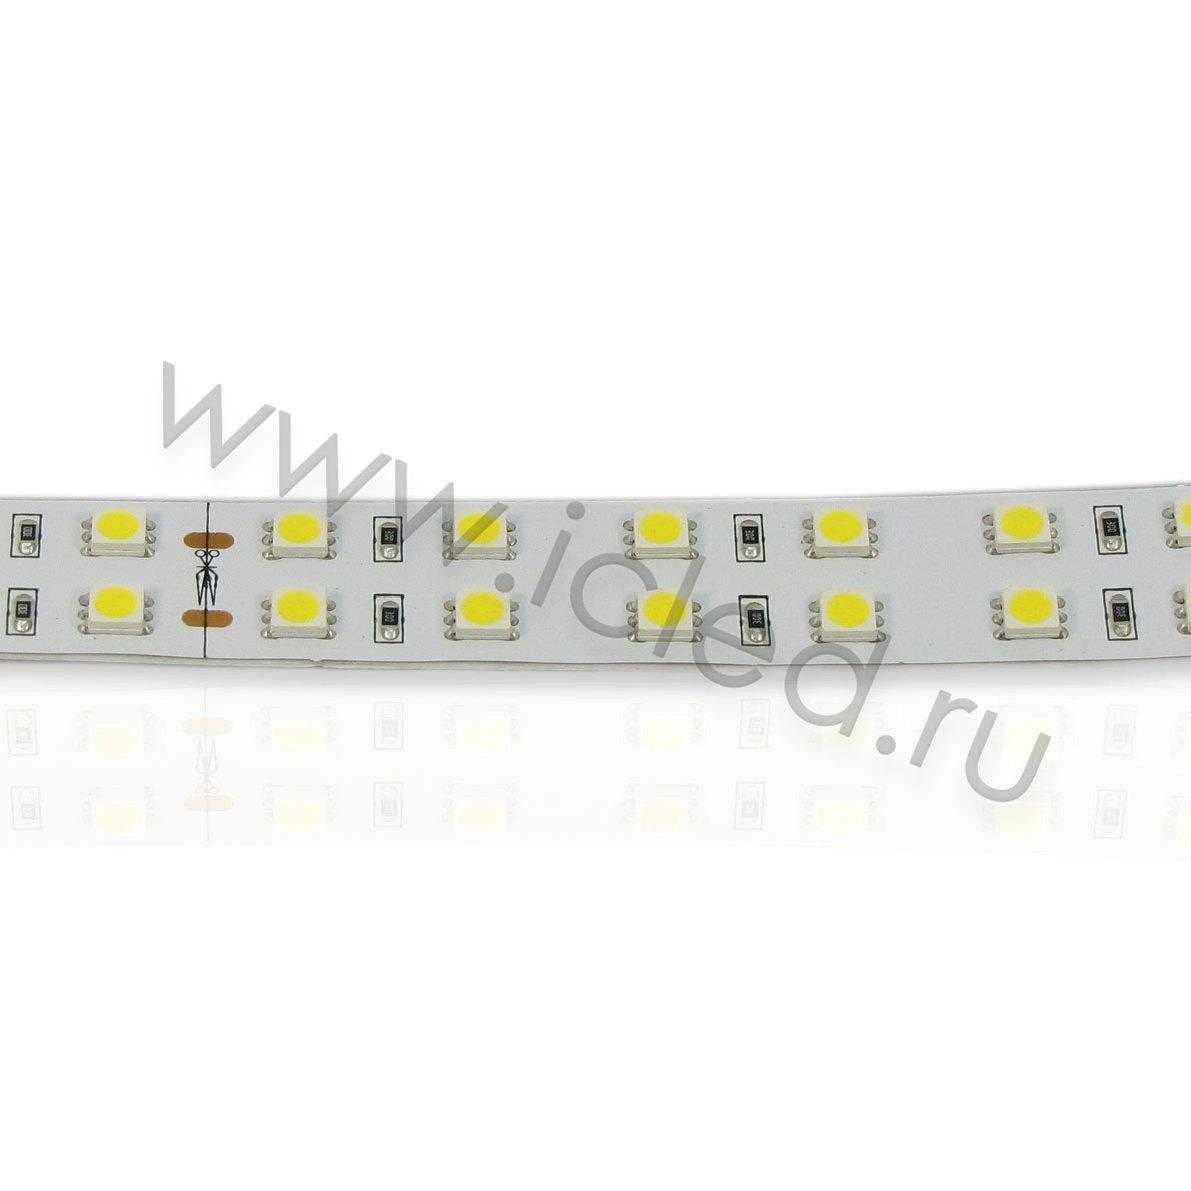 Светодиодная лента Class B, 5050, 120 led/m, Warm White, 24V, IP33